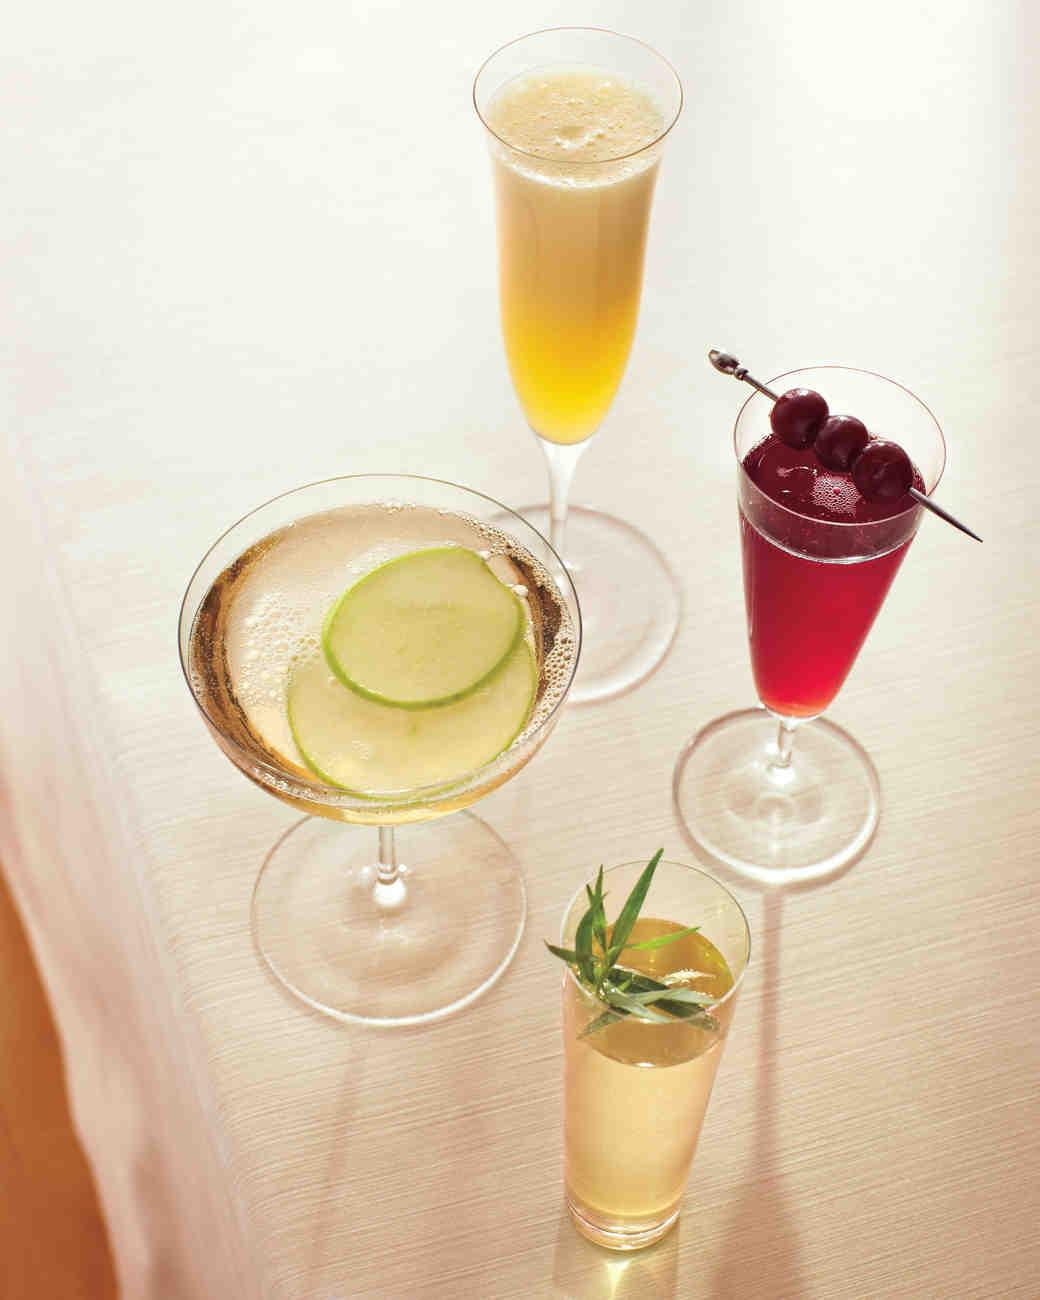 Tarragon-Prosecco Cocktail